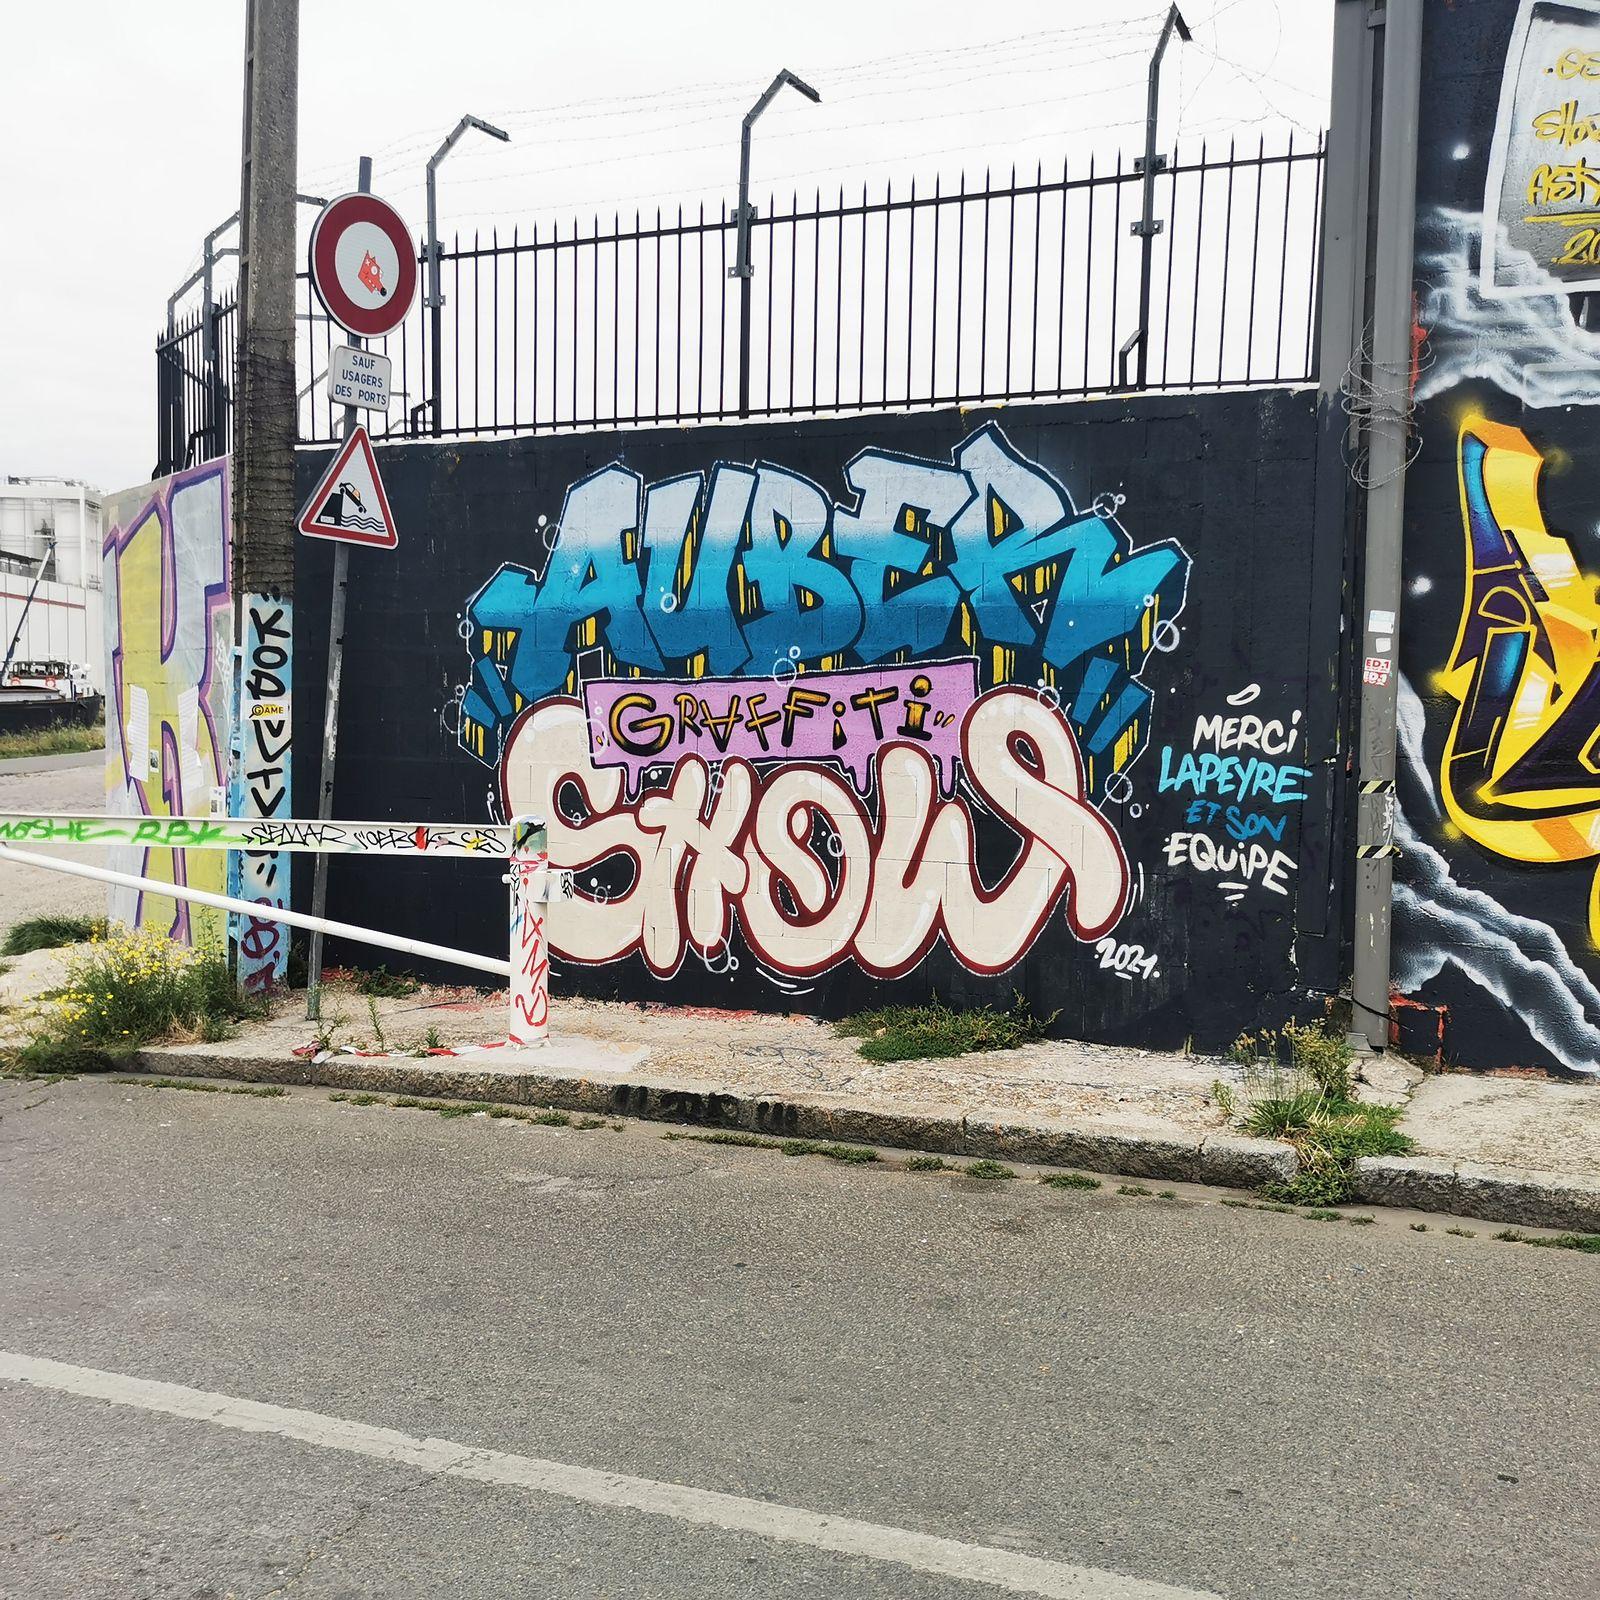 Auber graffiti 2021